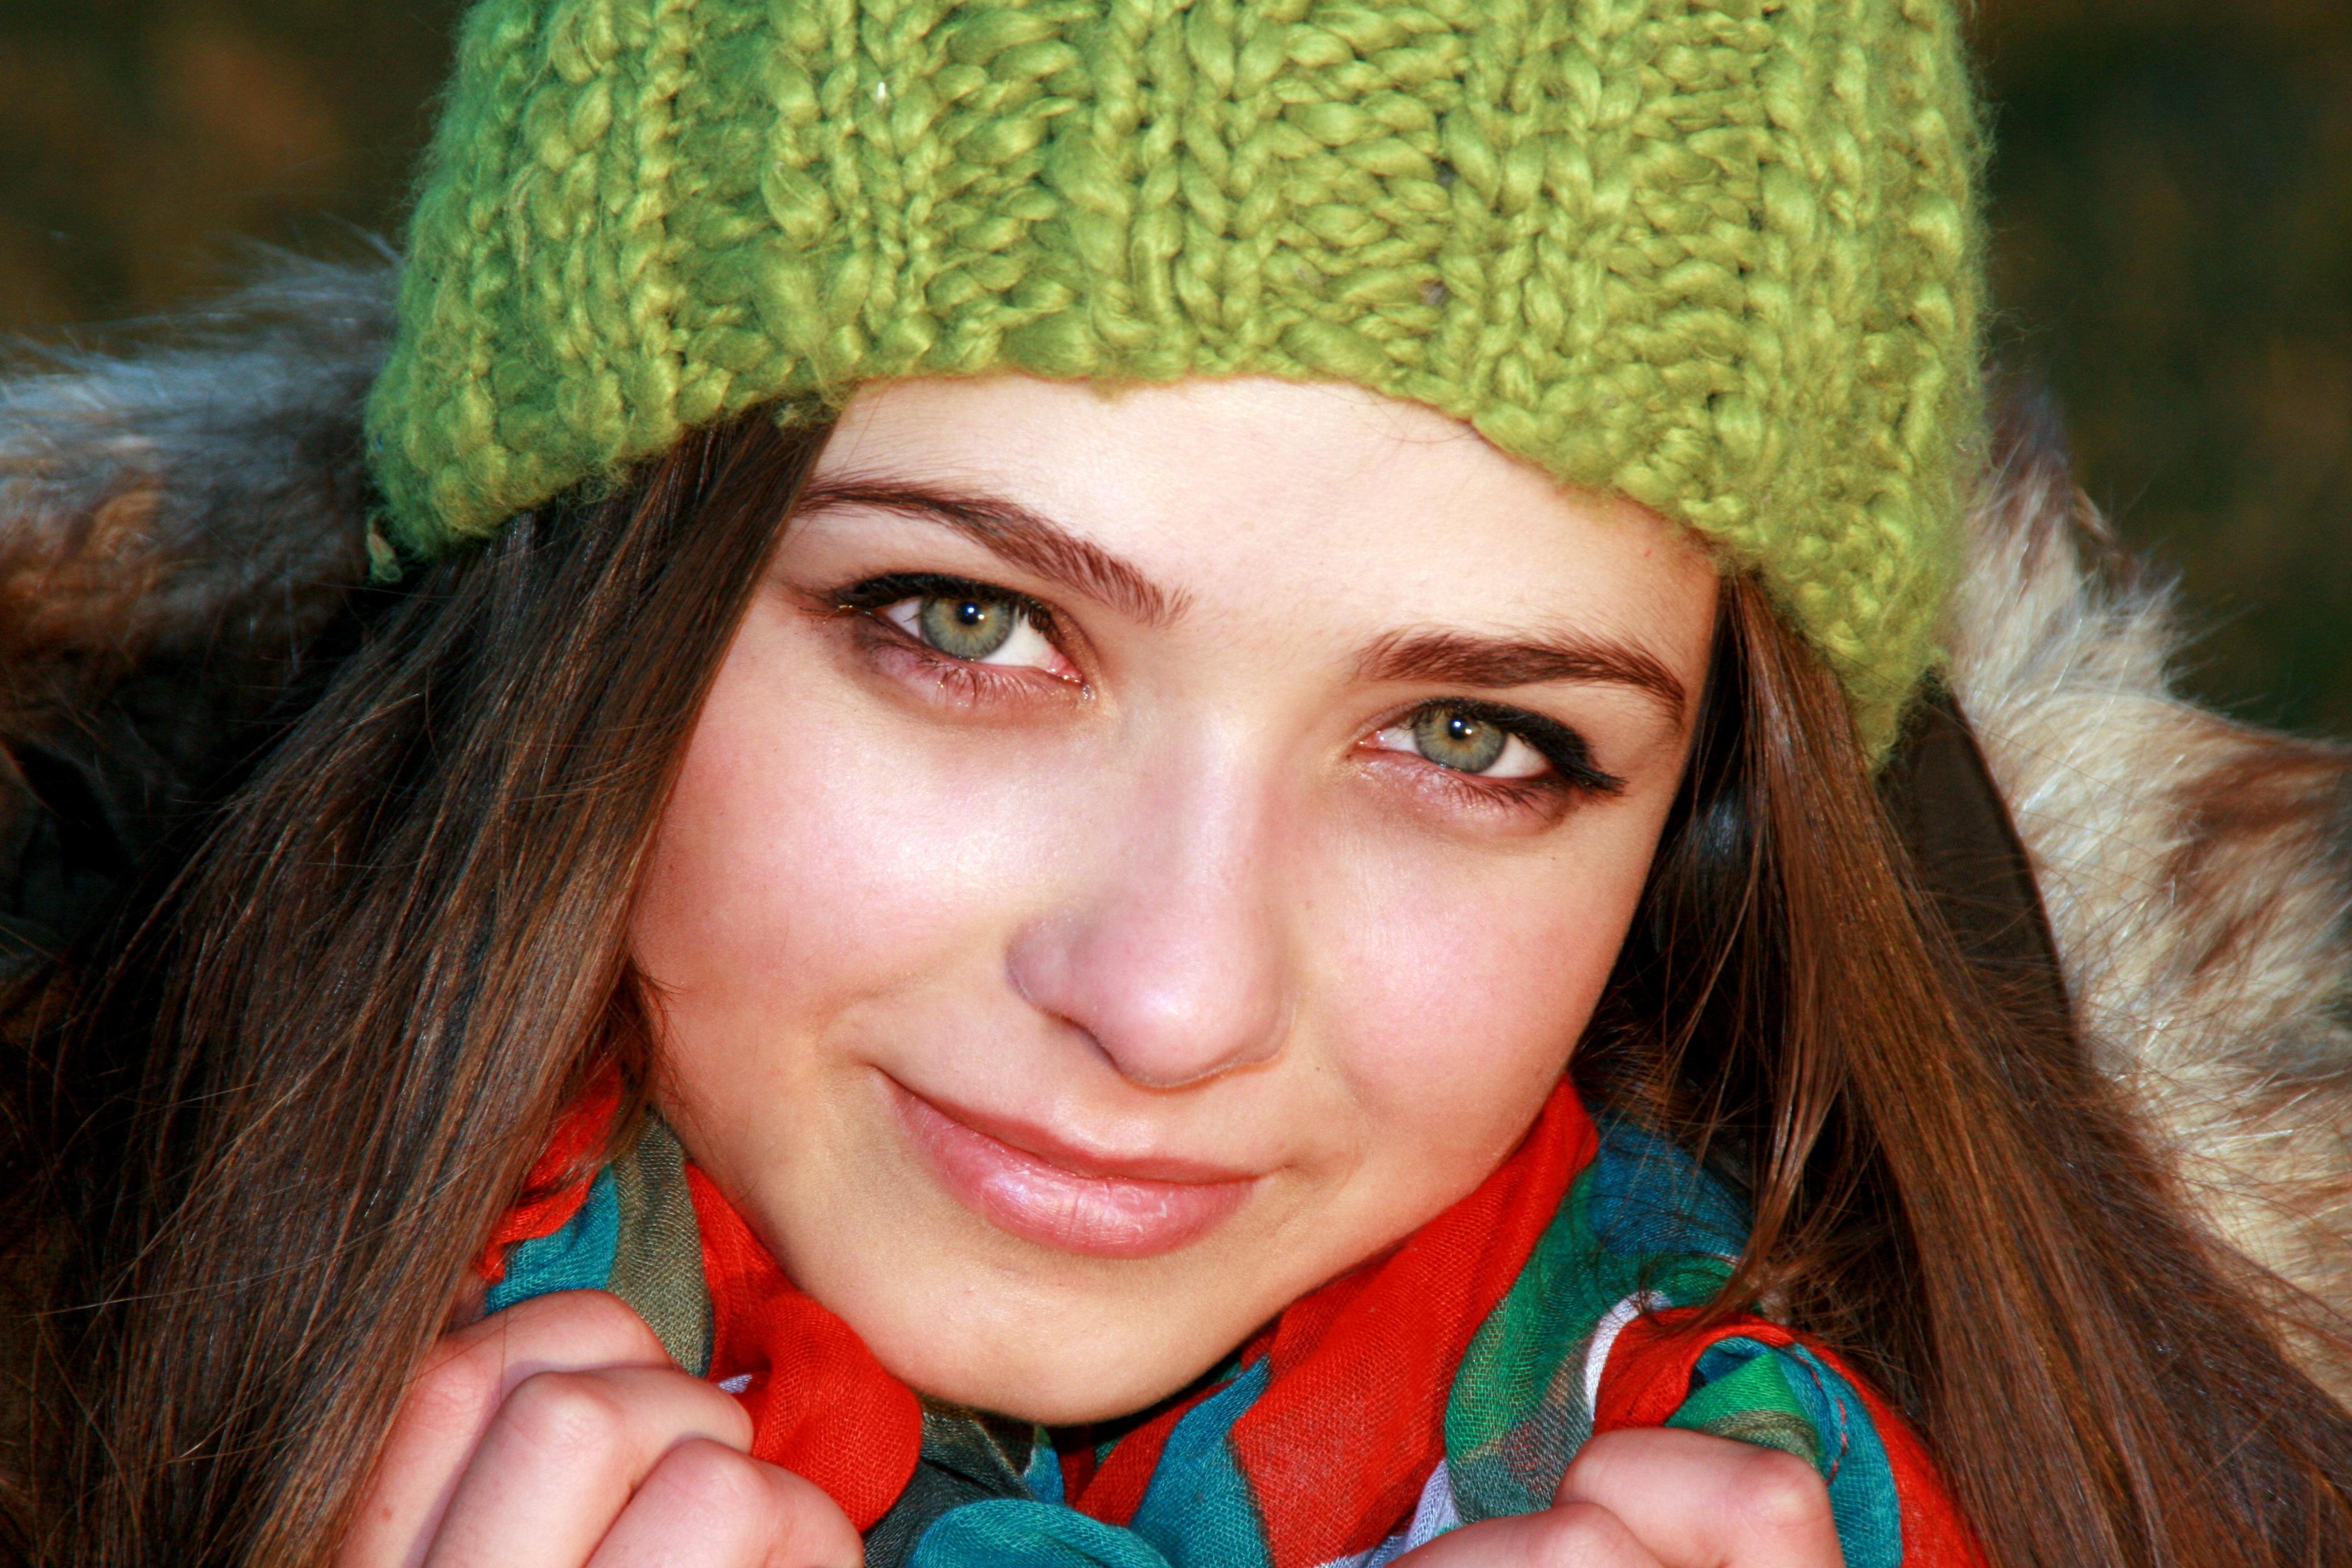 Fotoğraf Kişi Soğuk Kız Kadın Saç Fotoğrafçılık Portre